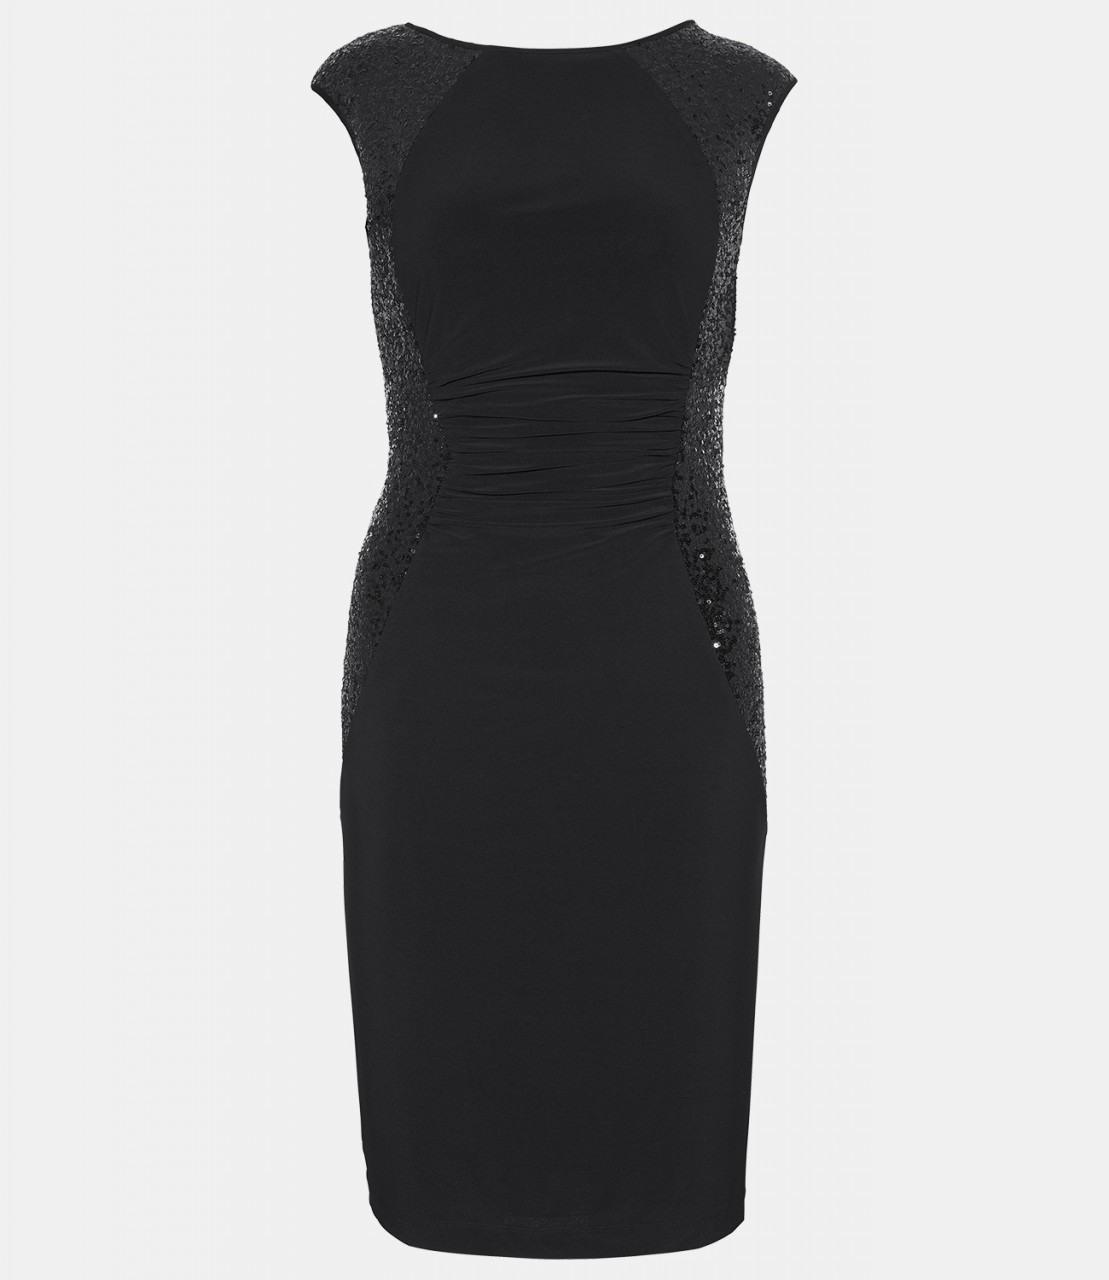 Abend Großartig Kleines Schwarzes Kleid Cocktailkleid Abend Vertrieb Luxus Kleines Schwarzes Kleid Cocktailkleid Abend für 2019